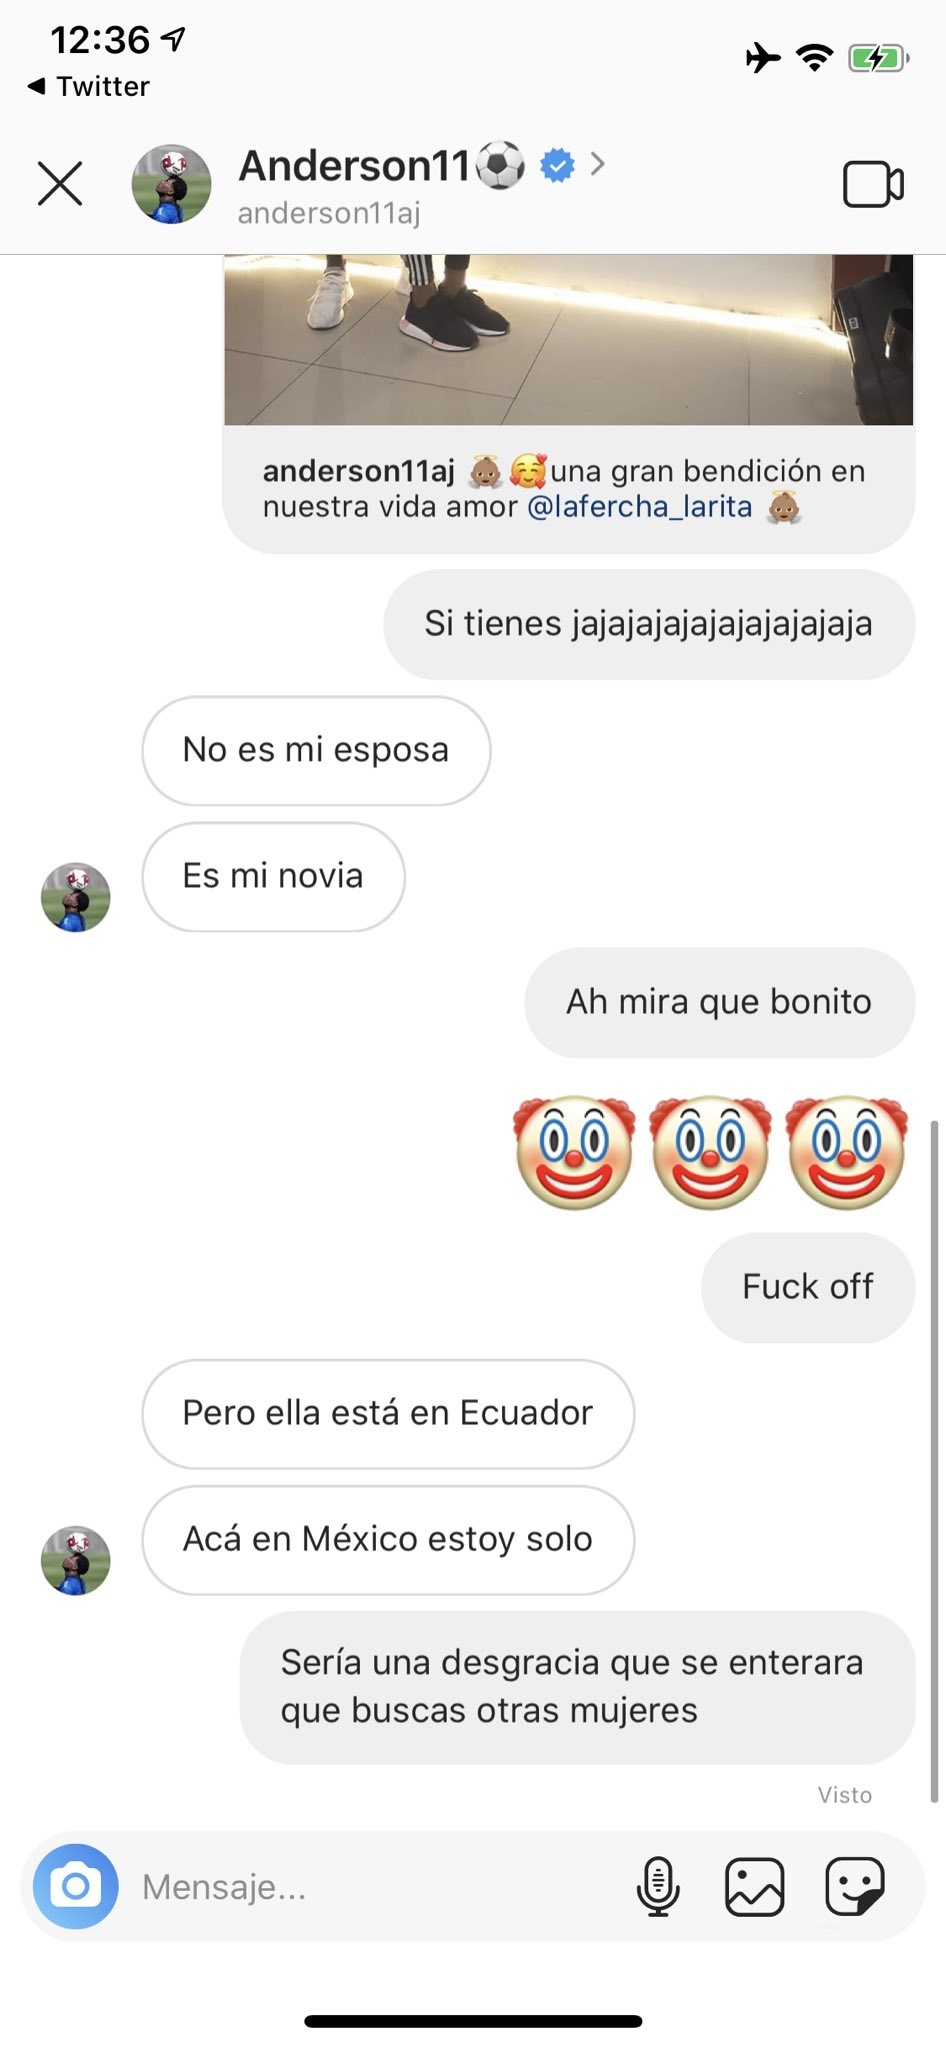 Conversación Anderson Julio Infiel Los Pleyers 2